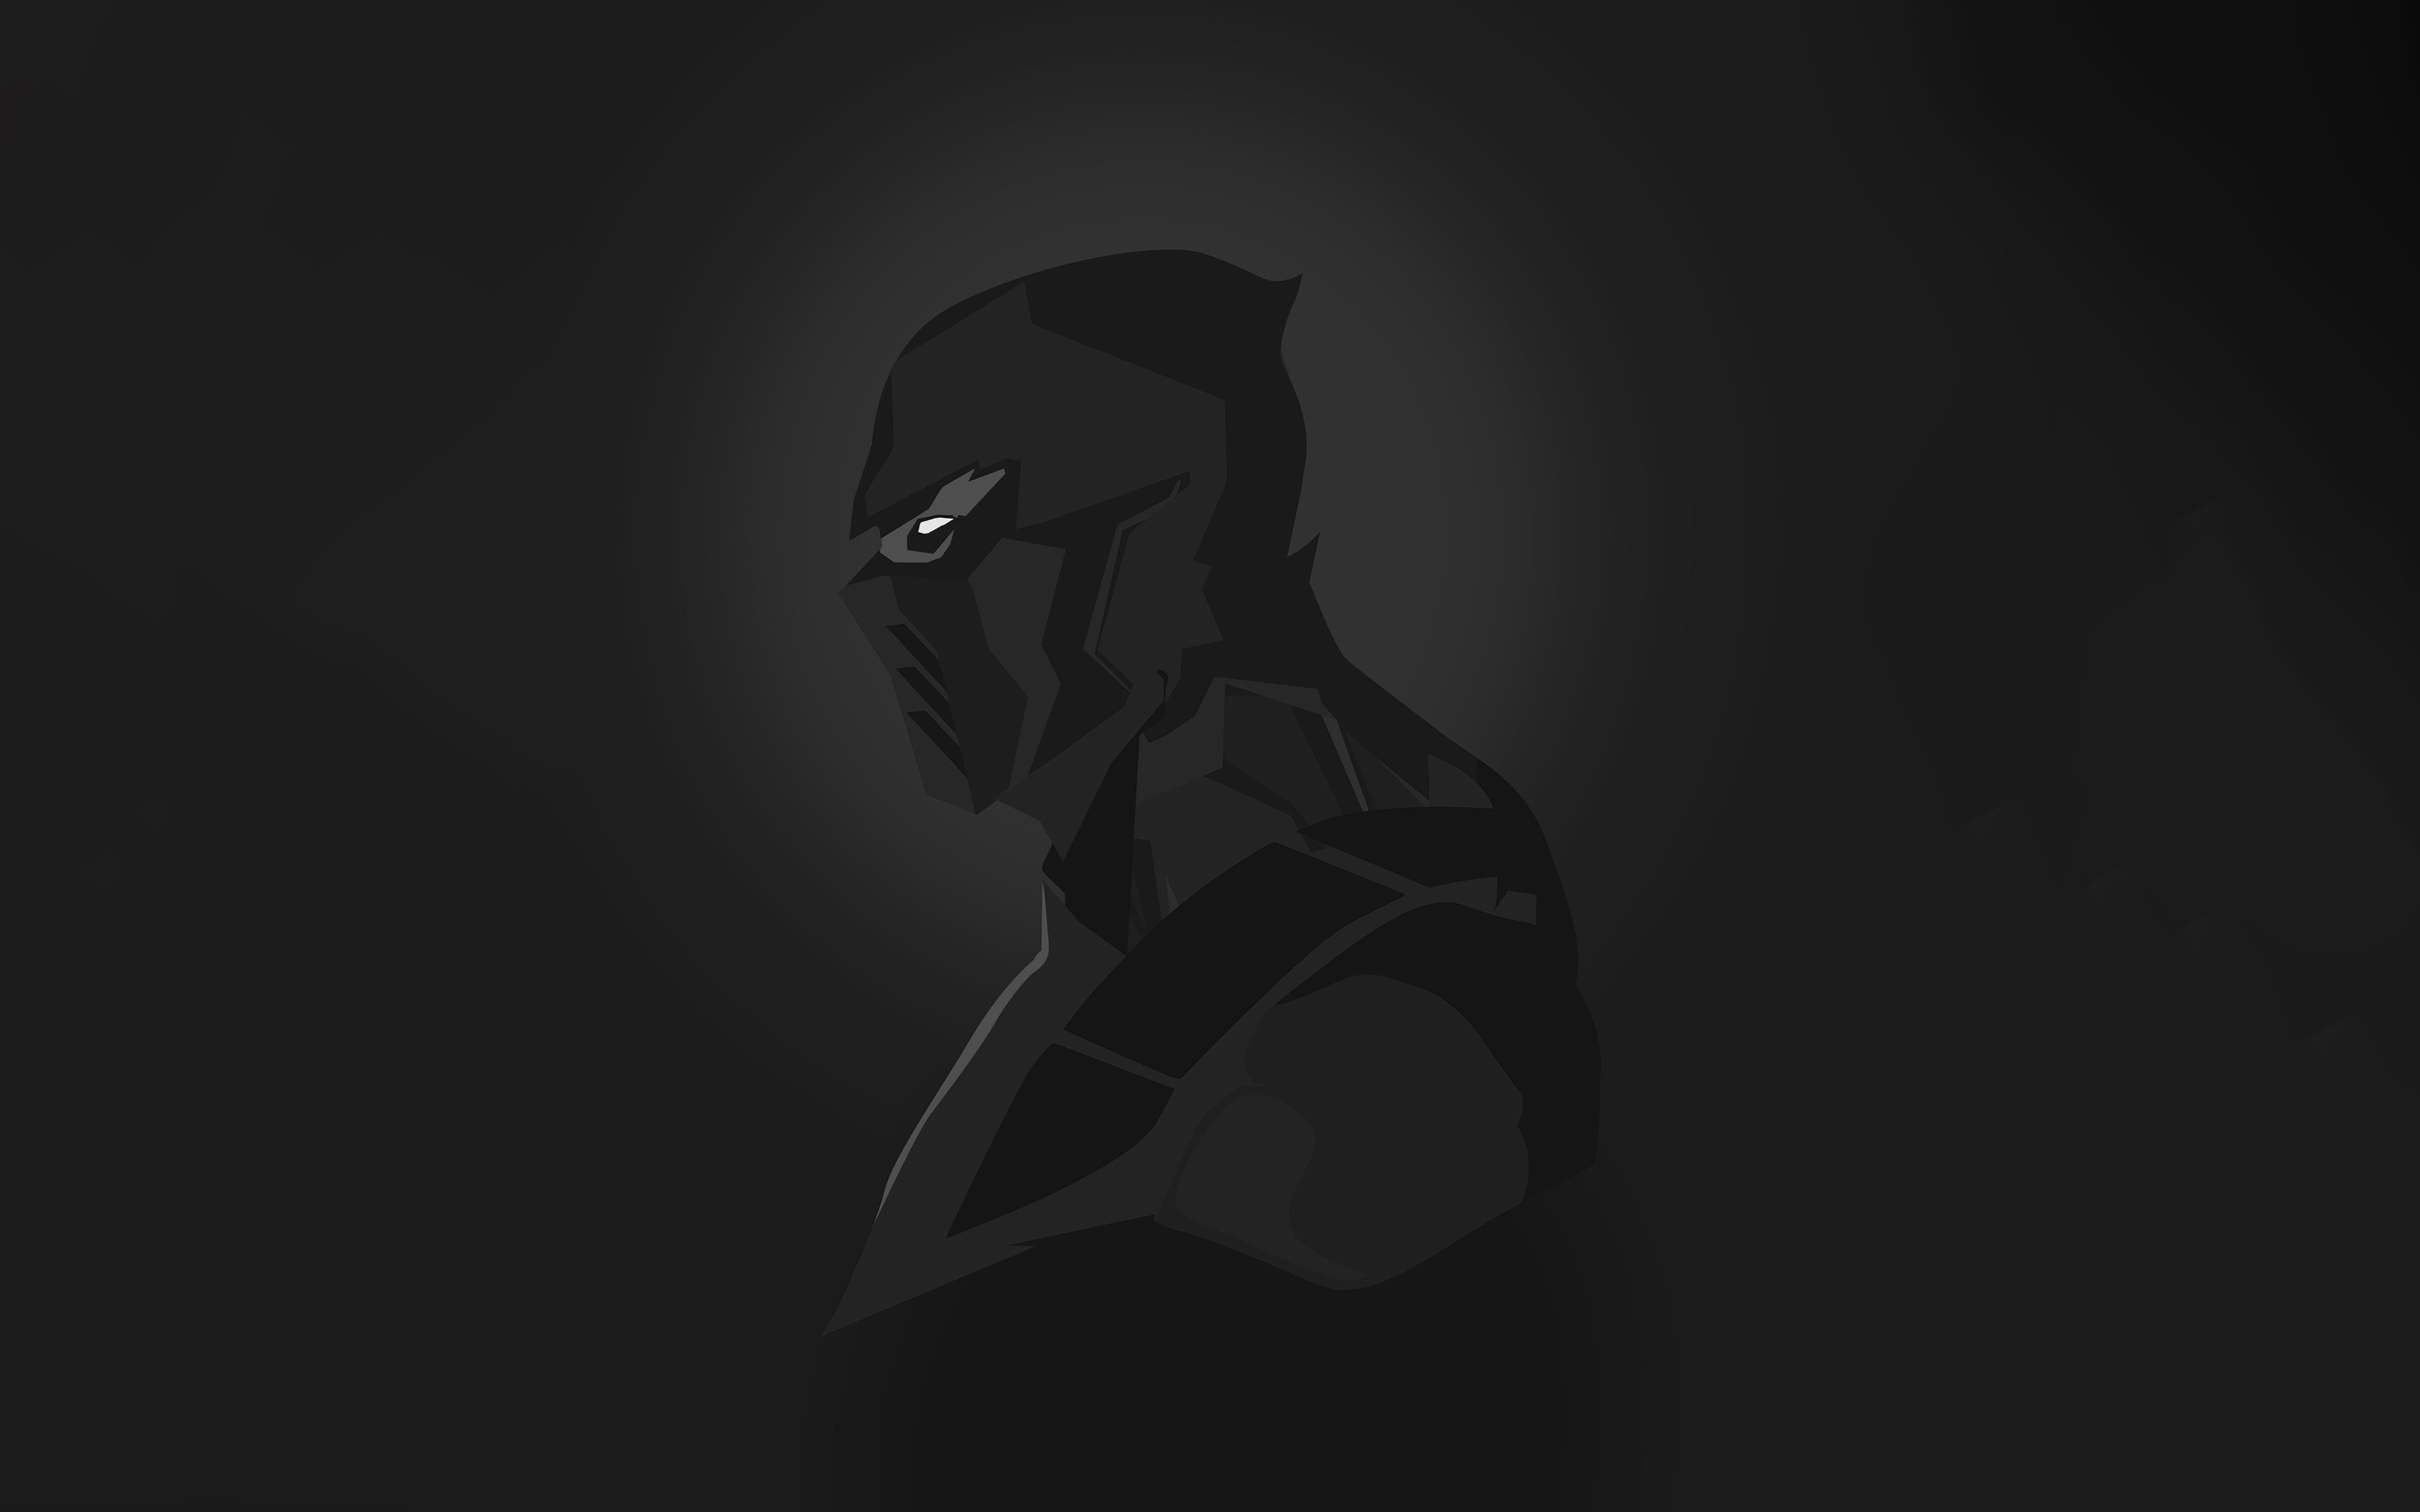 scorpion-mortal-kombat-dark-minimal-5k-cj.jpg